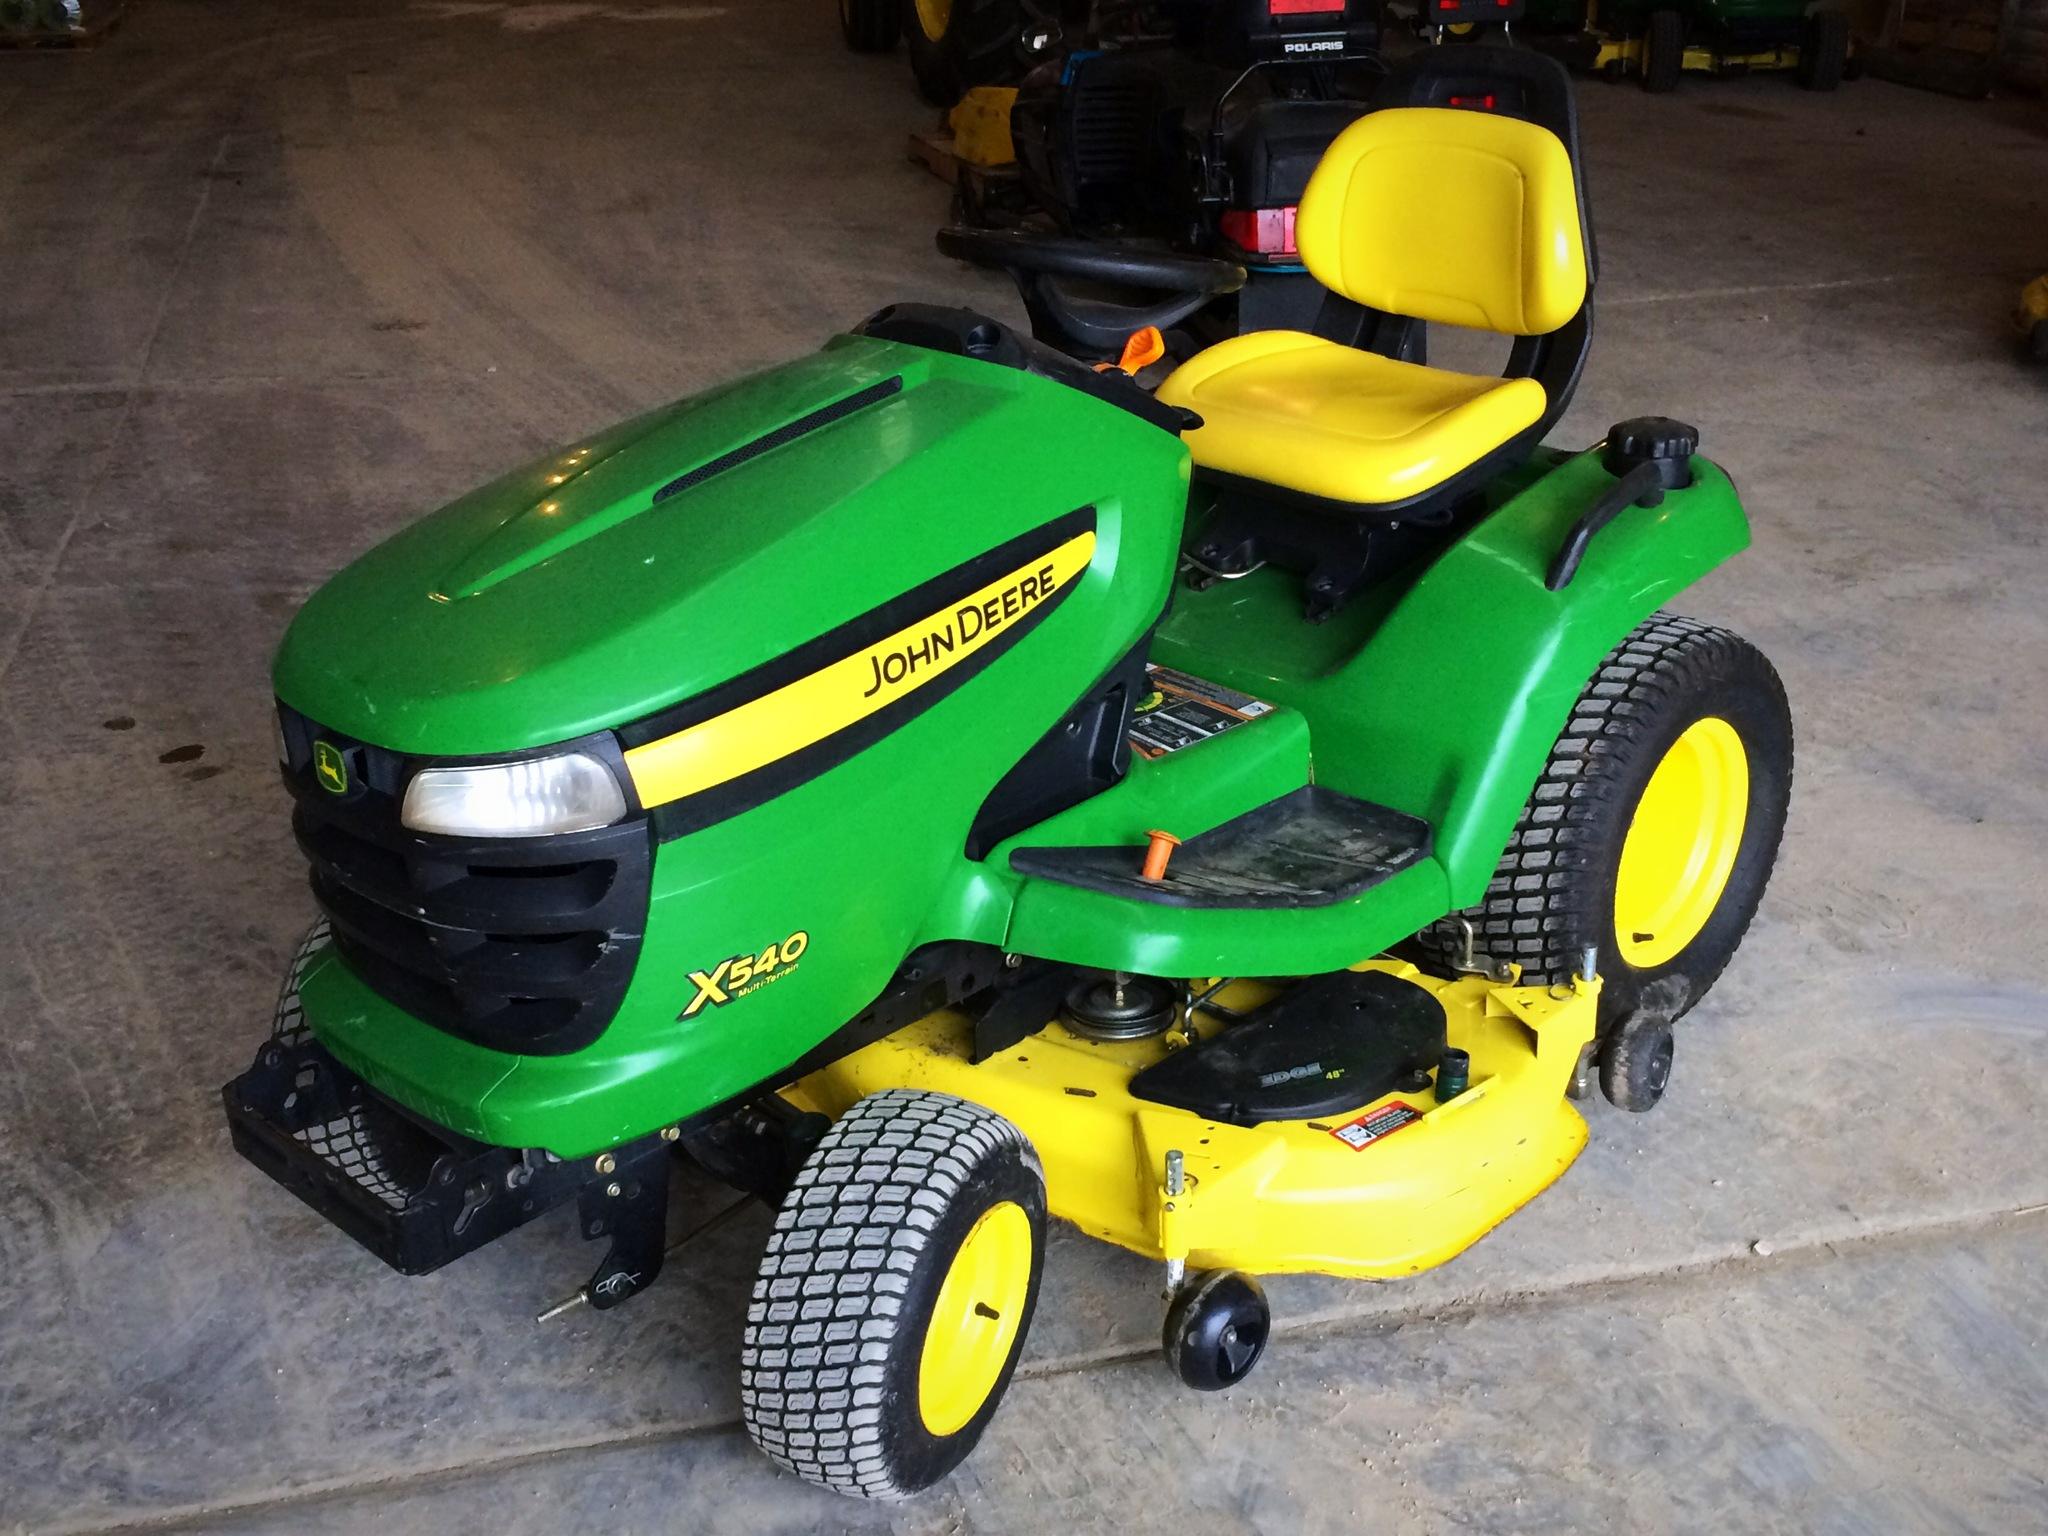 John Deere X540 Lawn & Garden Tractors for Sale | [52760]